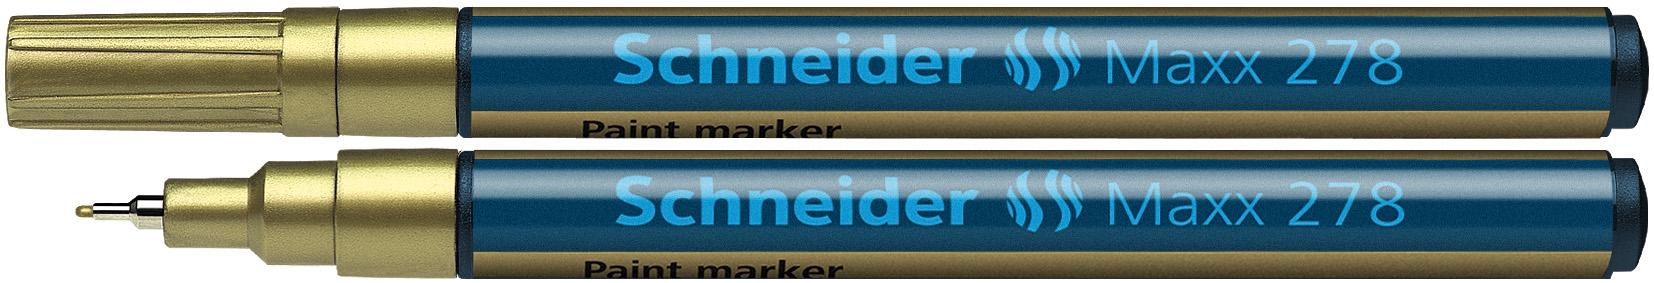 Marker Cu Vopsea Schneider Maxx 278  Varf Rotund 0.8mm - Auriu